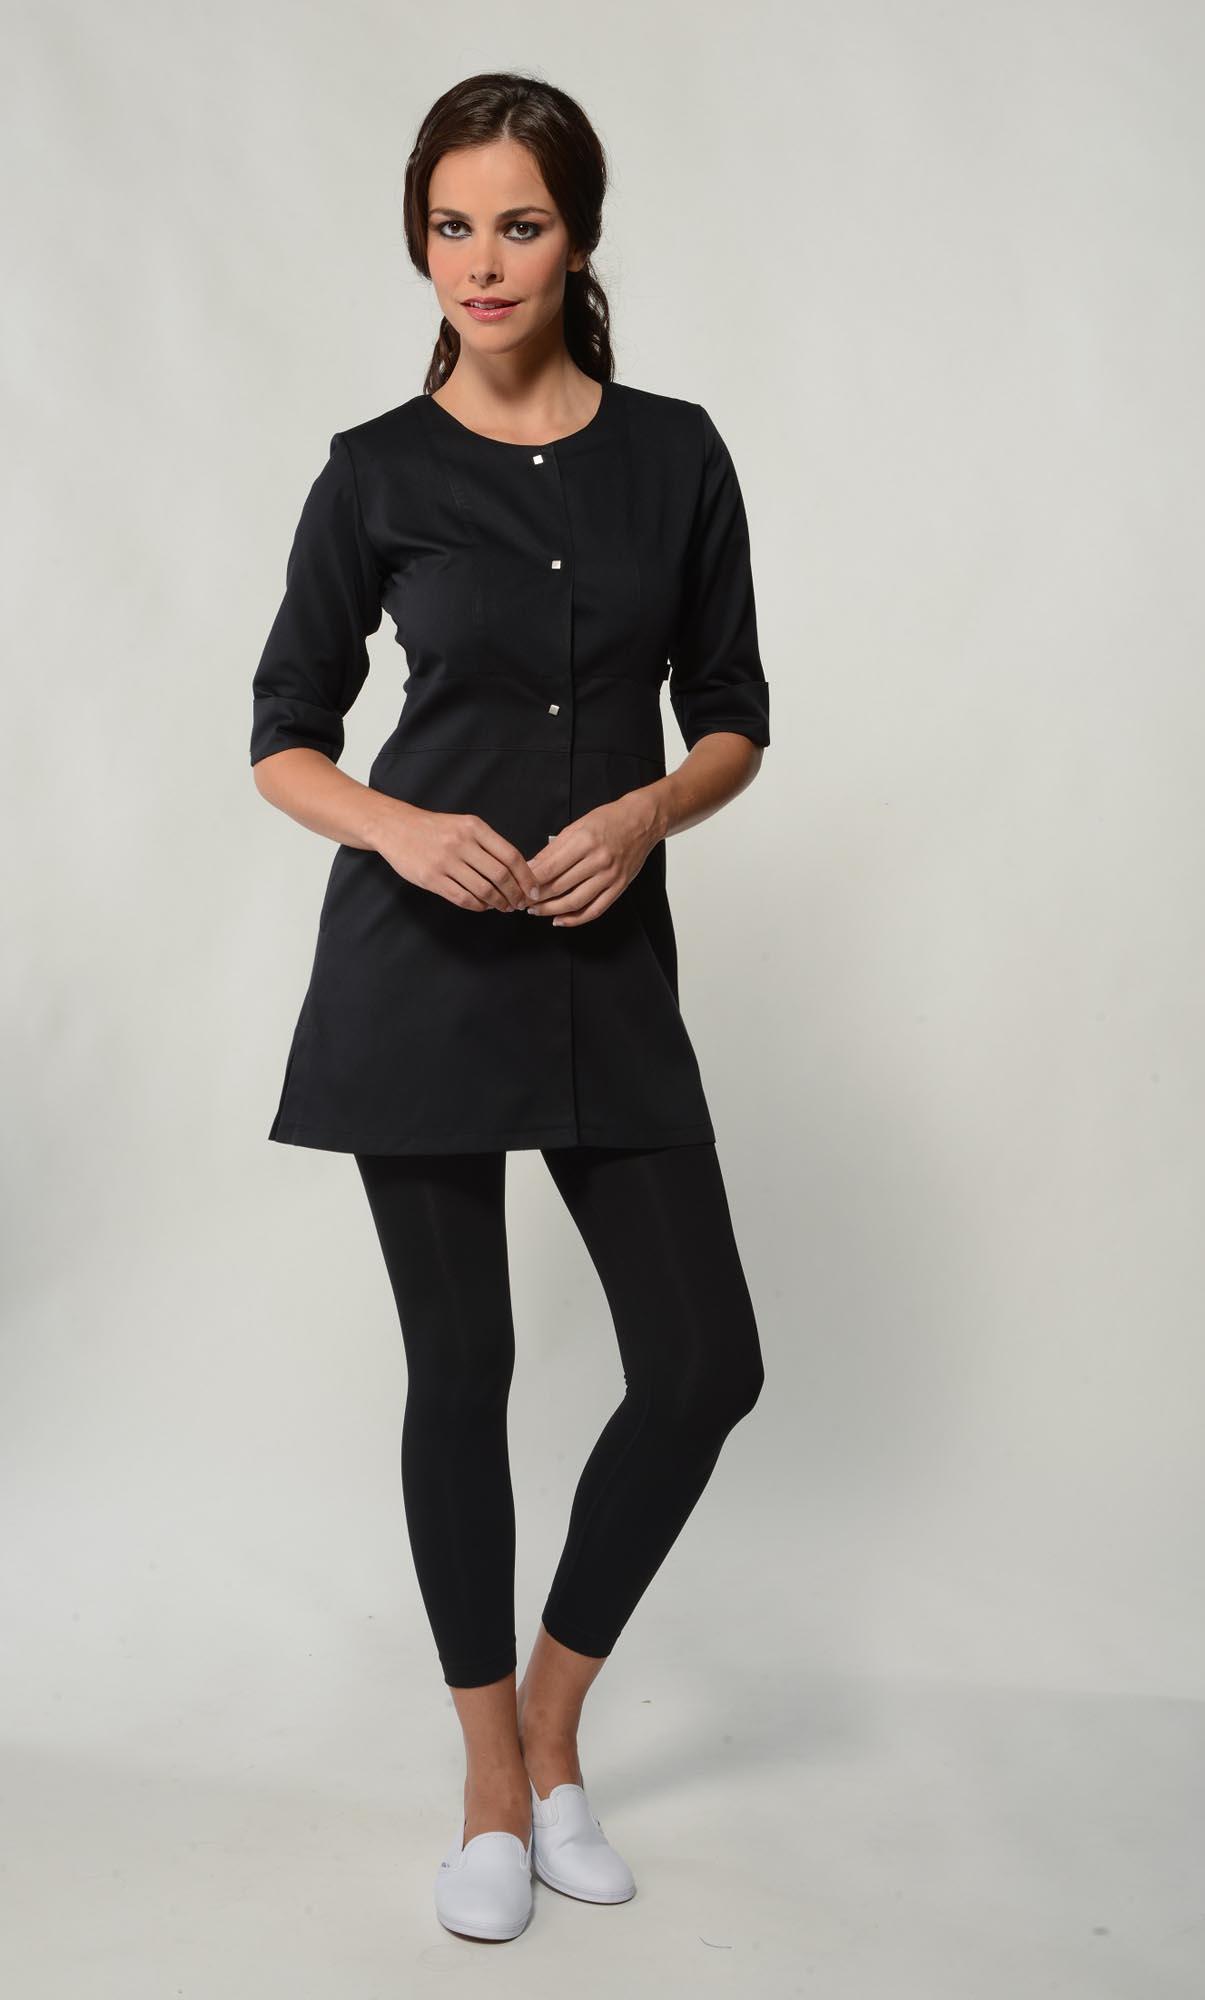 Jolie top monique mathieu paris for Spa uniform grey